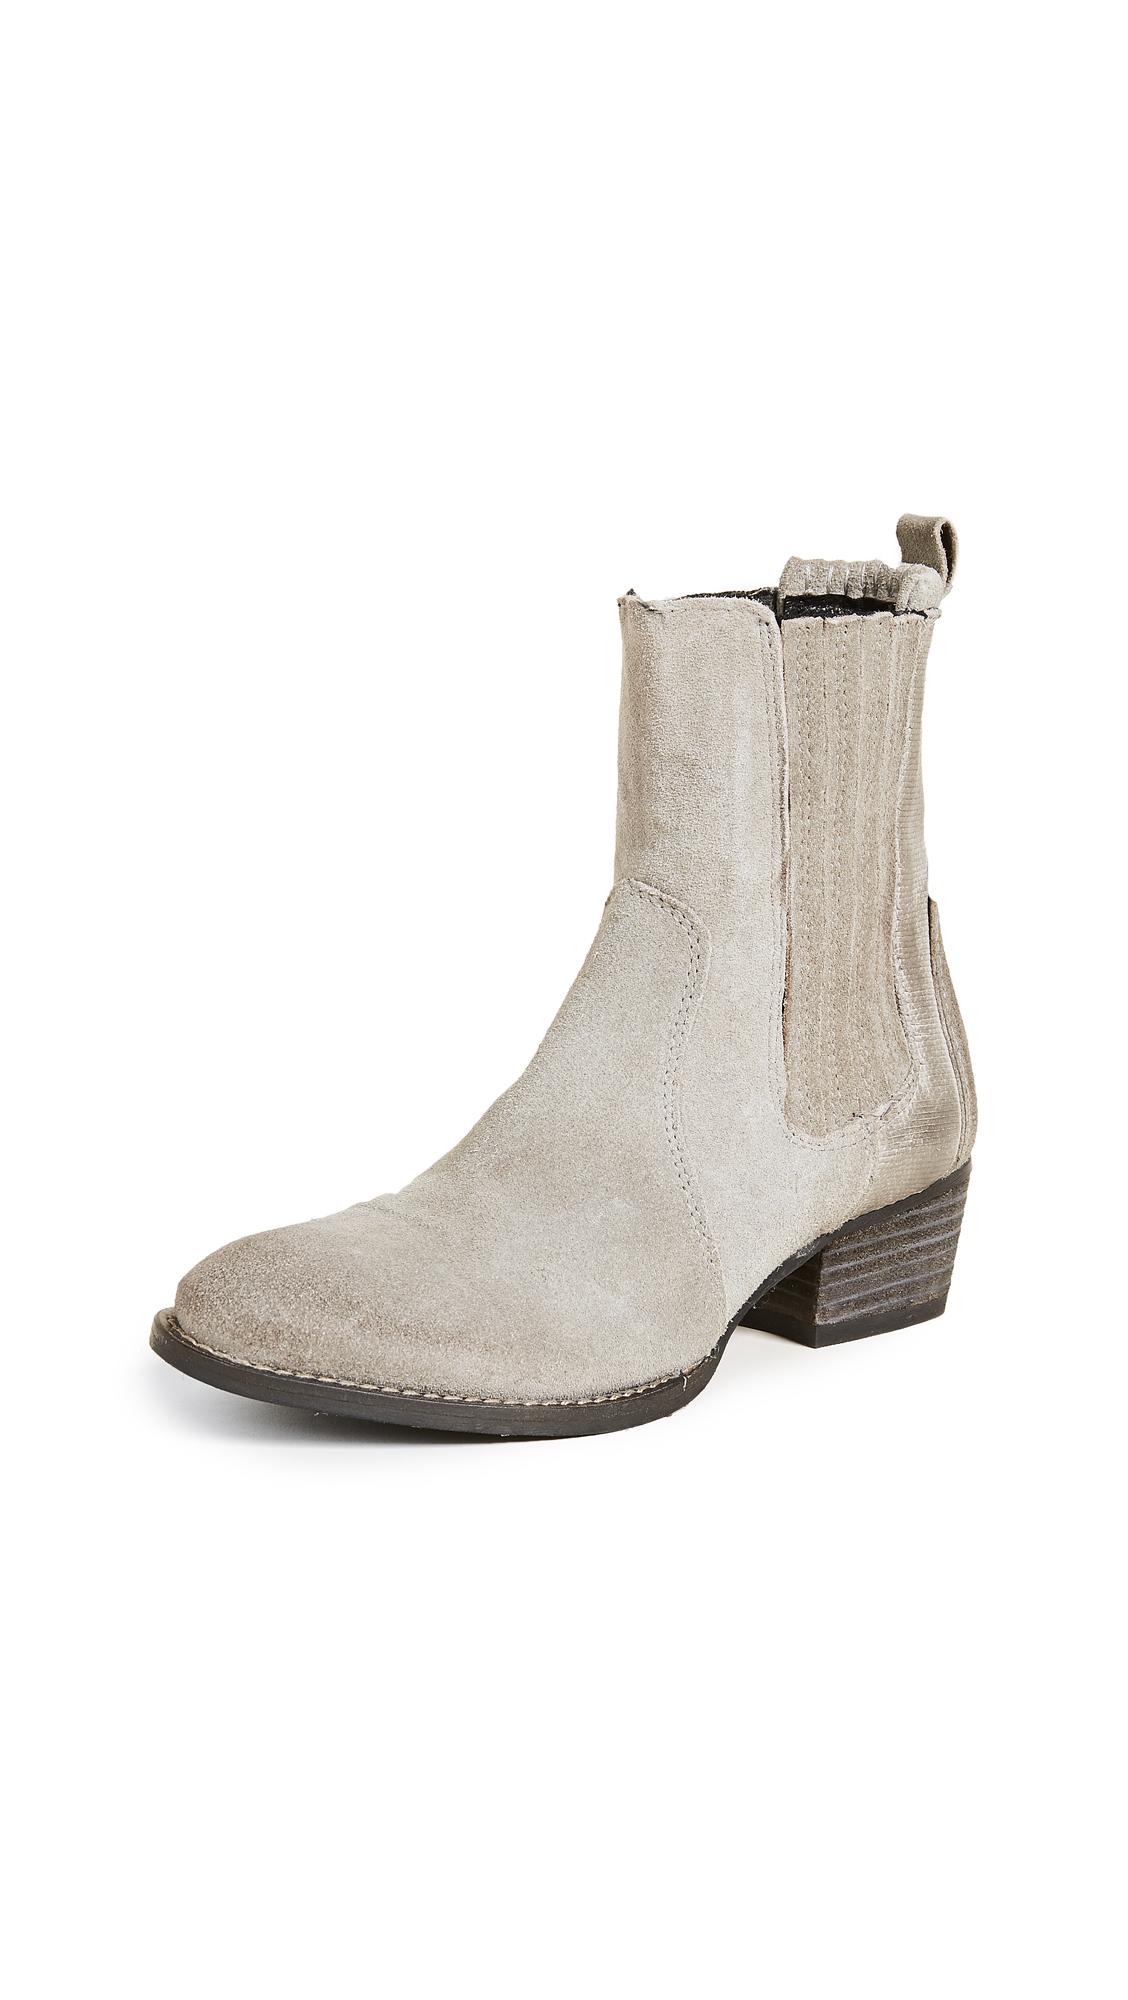 Splendid River Booties - Grey